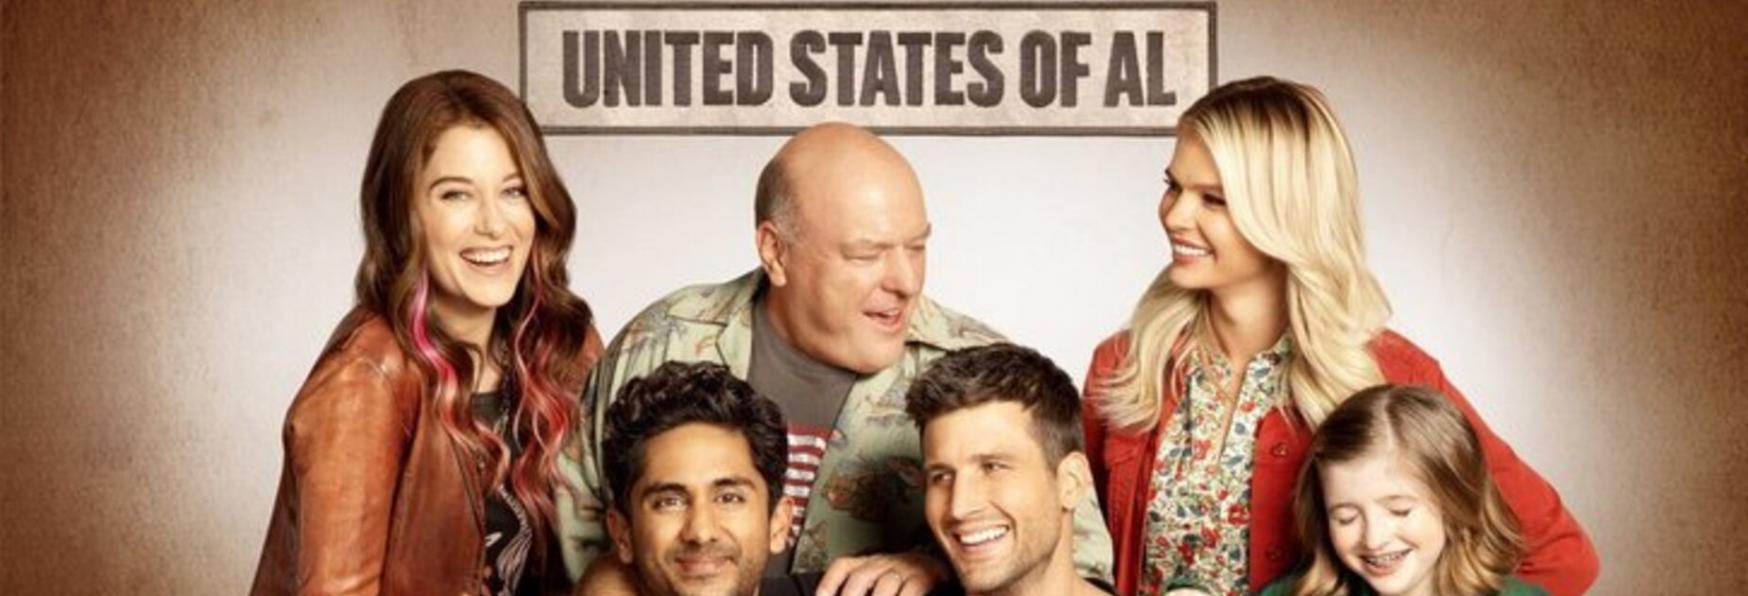 United States of Al: Recensione della recente Serie TV targata CBS